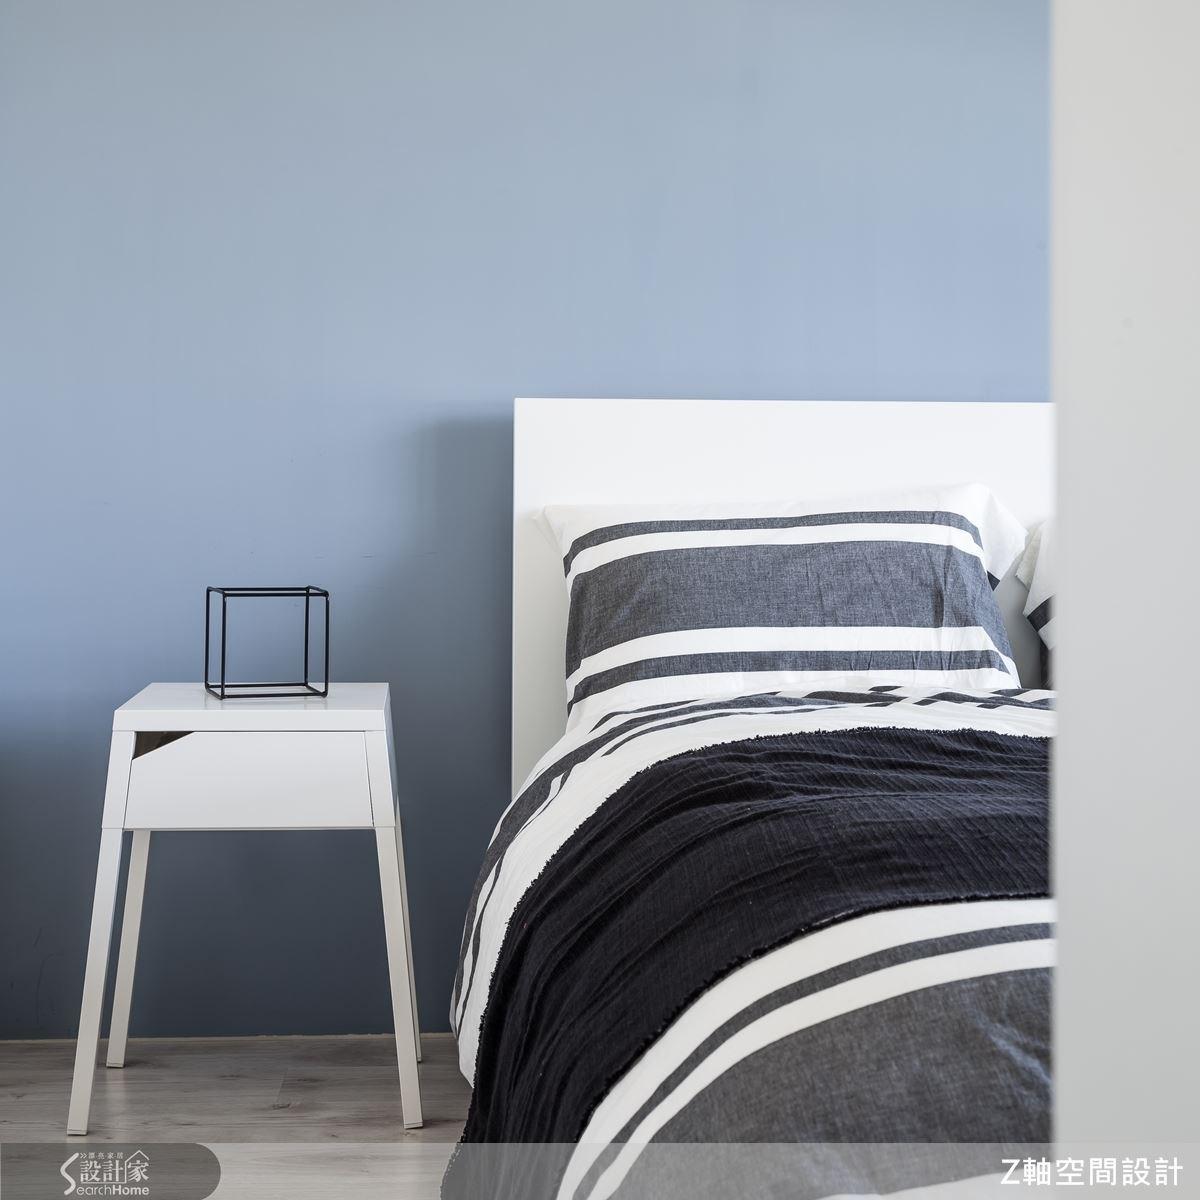 挑選能放鬆心境的療癒色彩為壁色,烘托出舒眠的主臥空間。